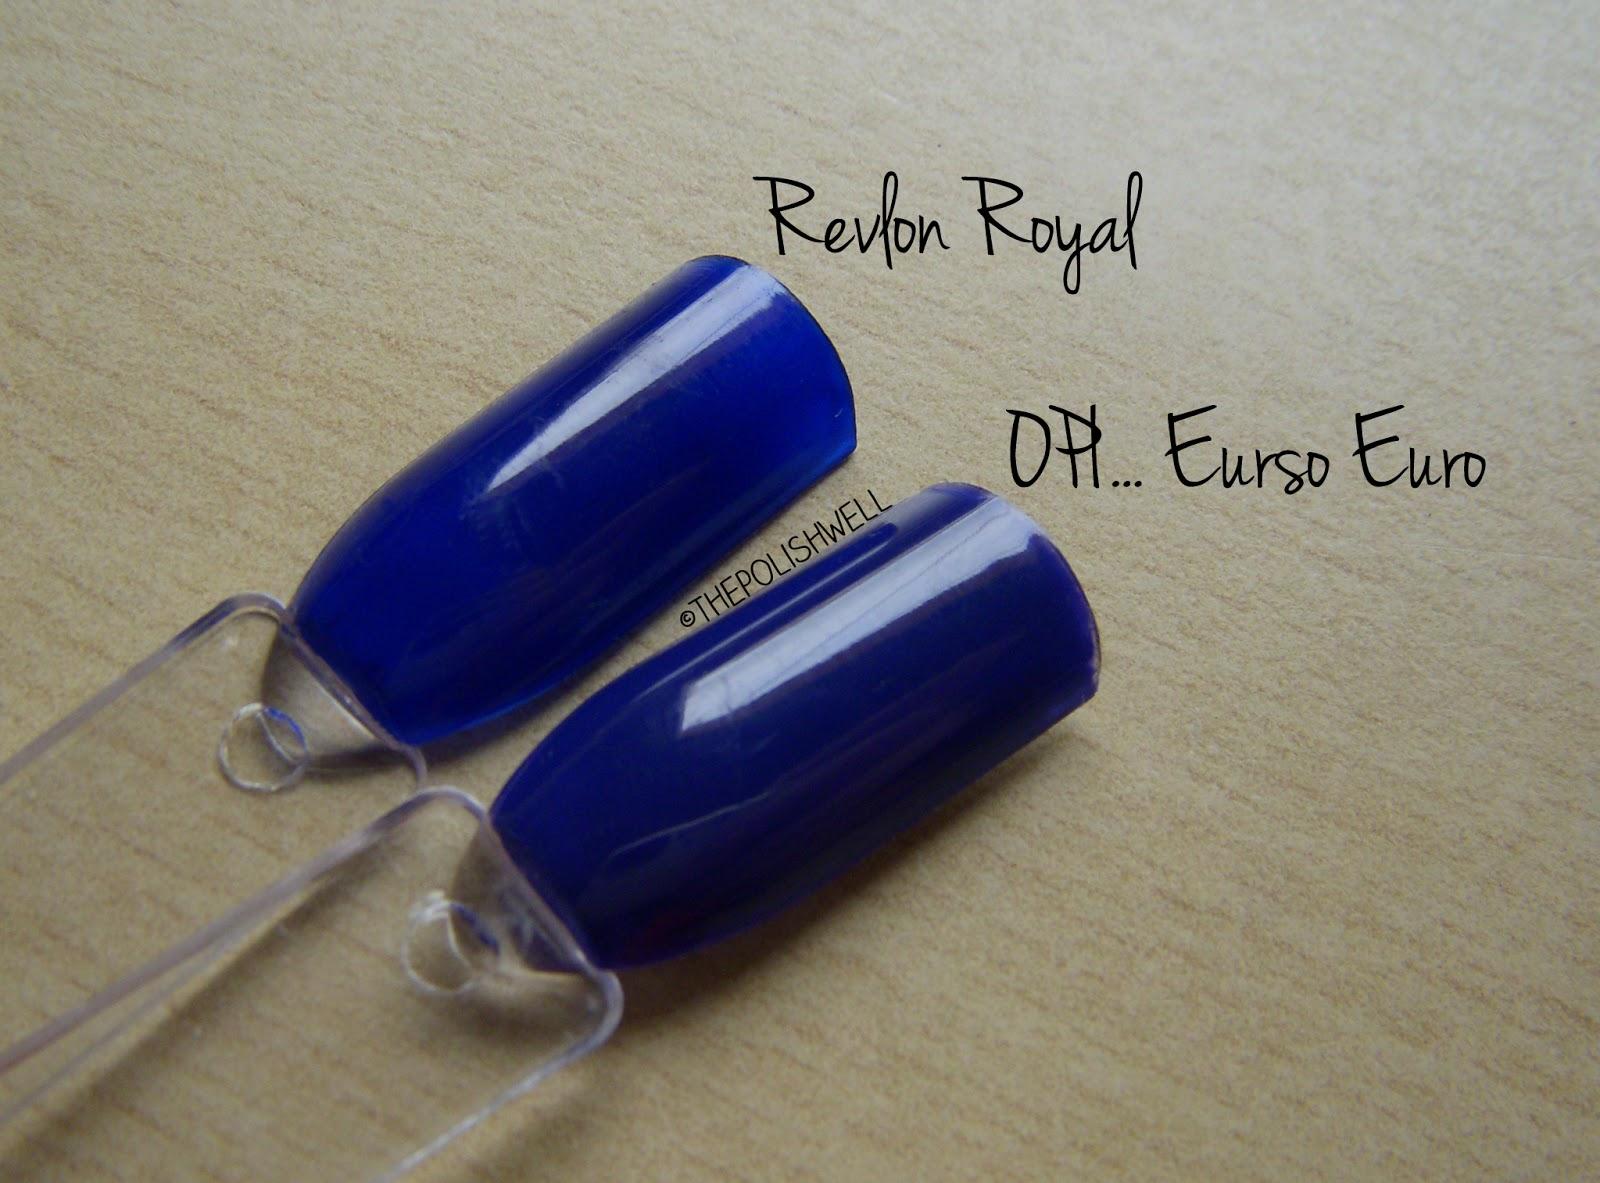 Opi eurso euro vs dating a royal